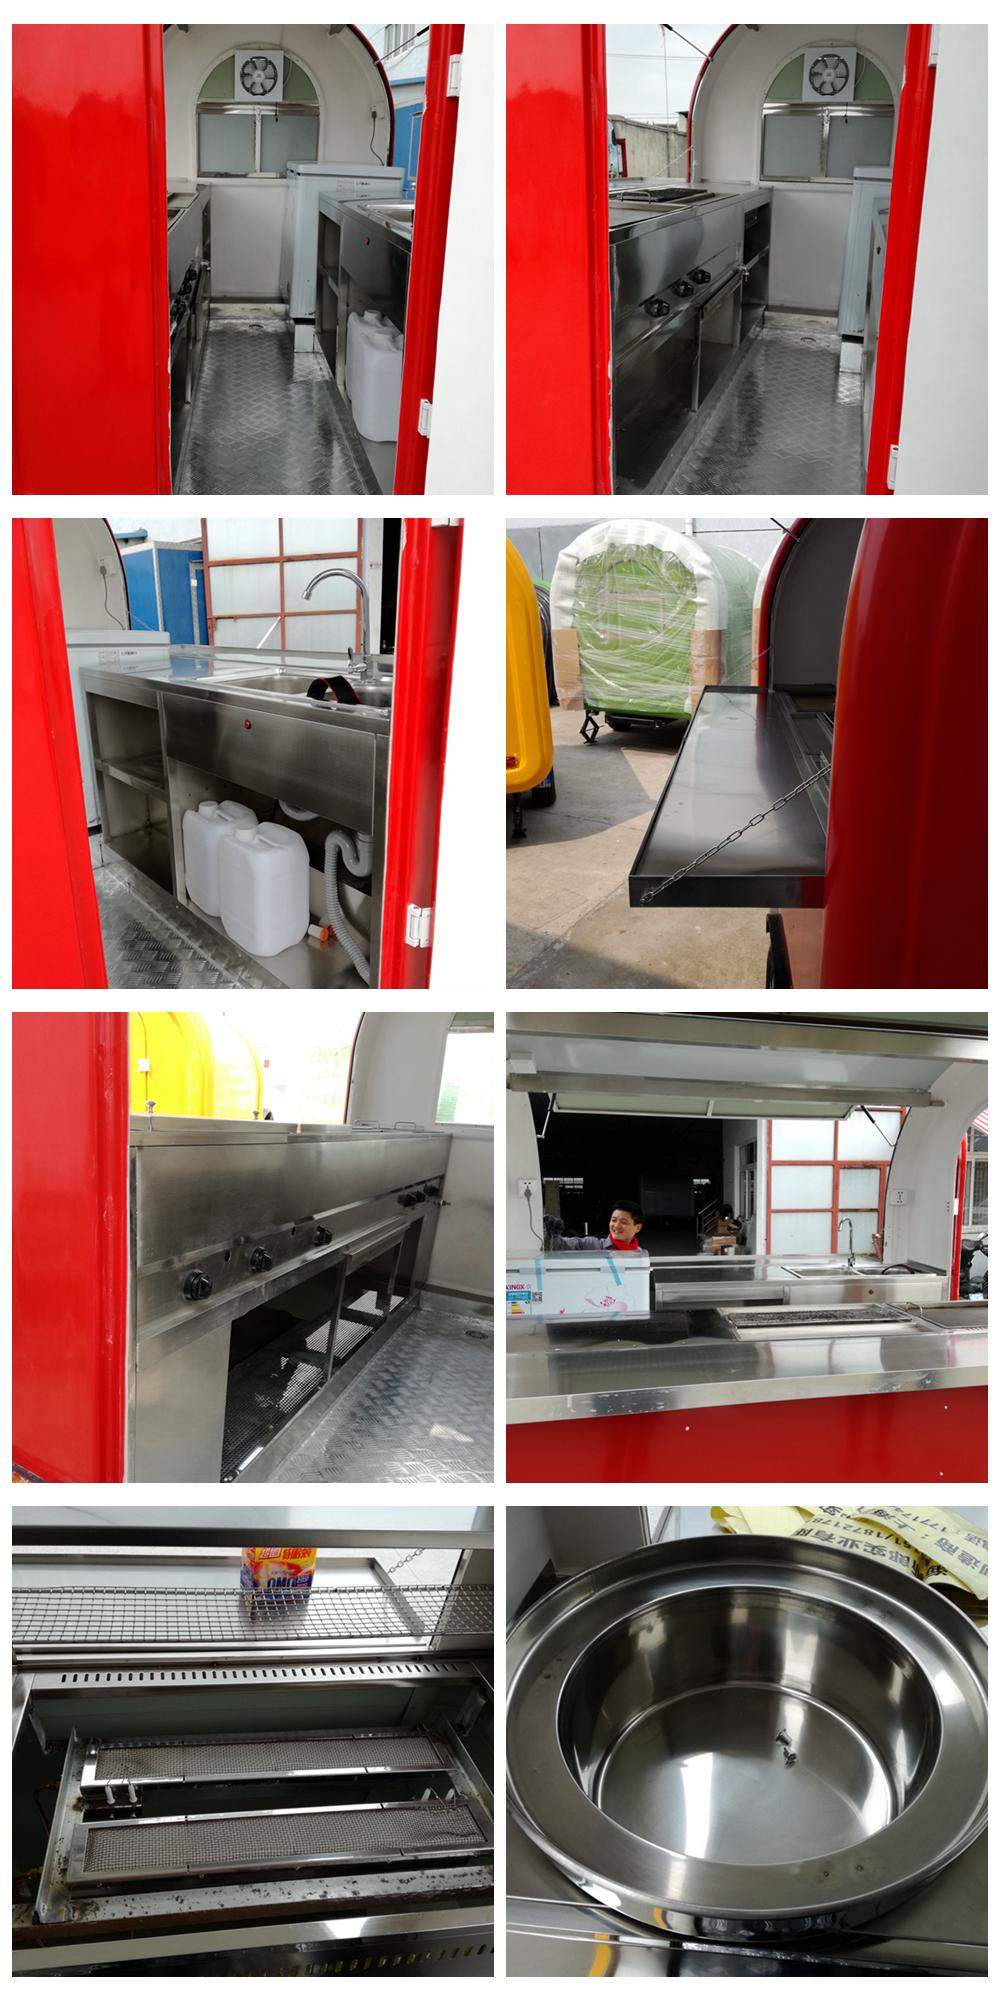 Cp230165230 Merah Mobile Truk Makanan Ponsel Kebab Van Dapur Kios Dijual Malaysia